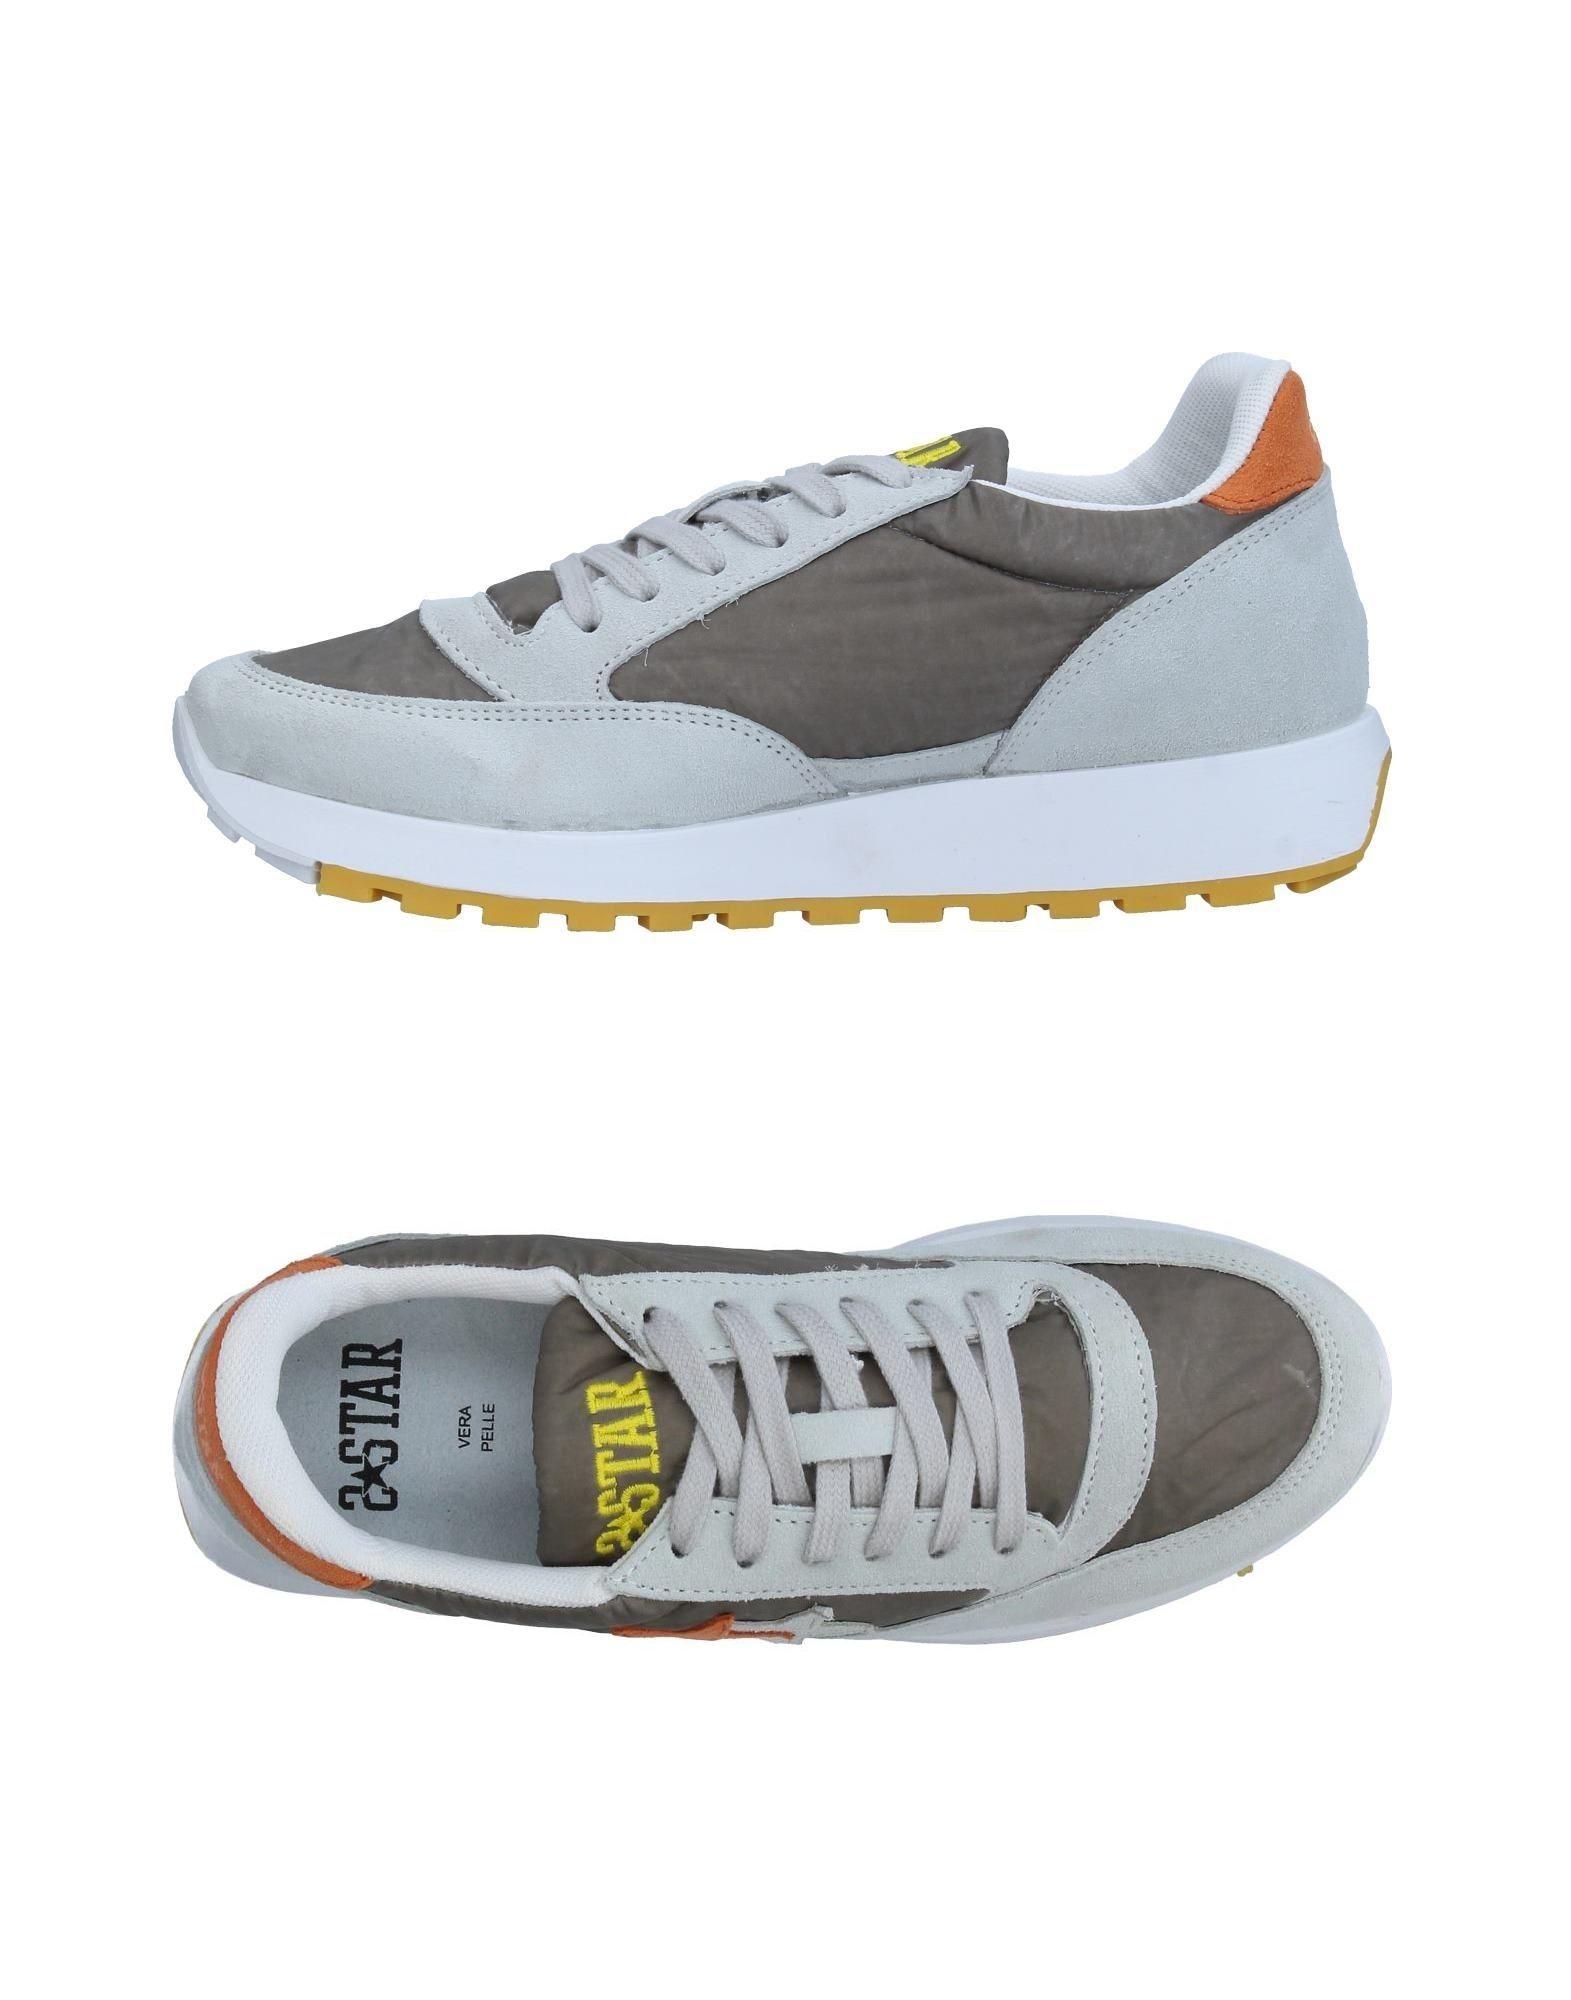 Rabatt echte  Schuhe 2Star Sneakers Herren  echte 11338501HA 245182